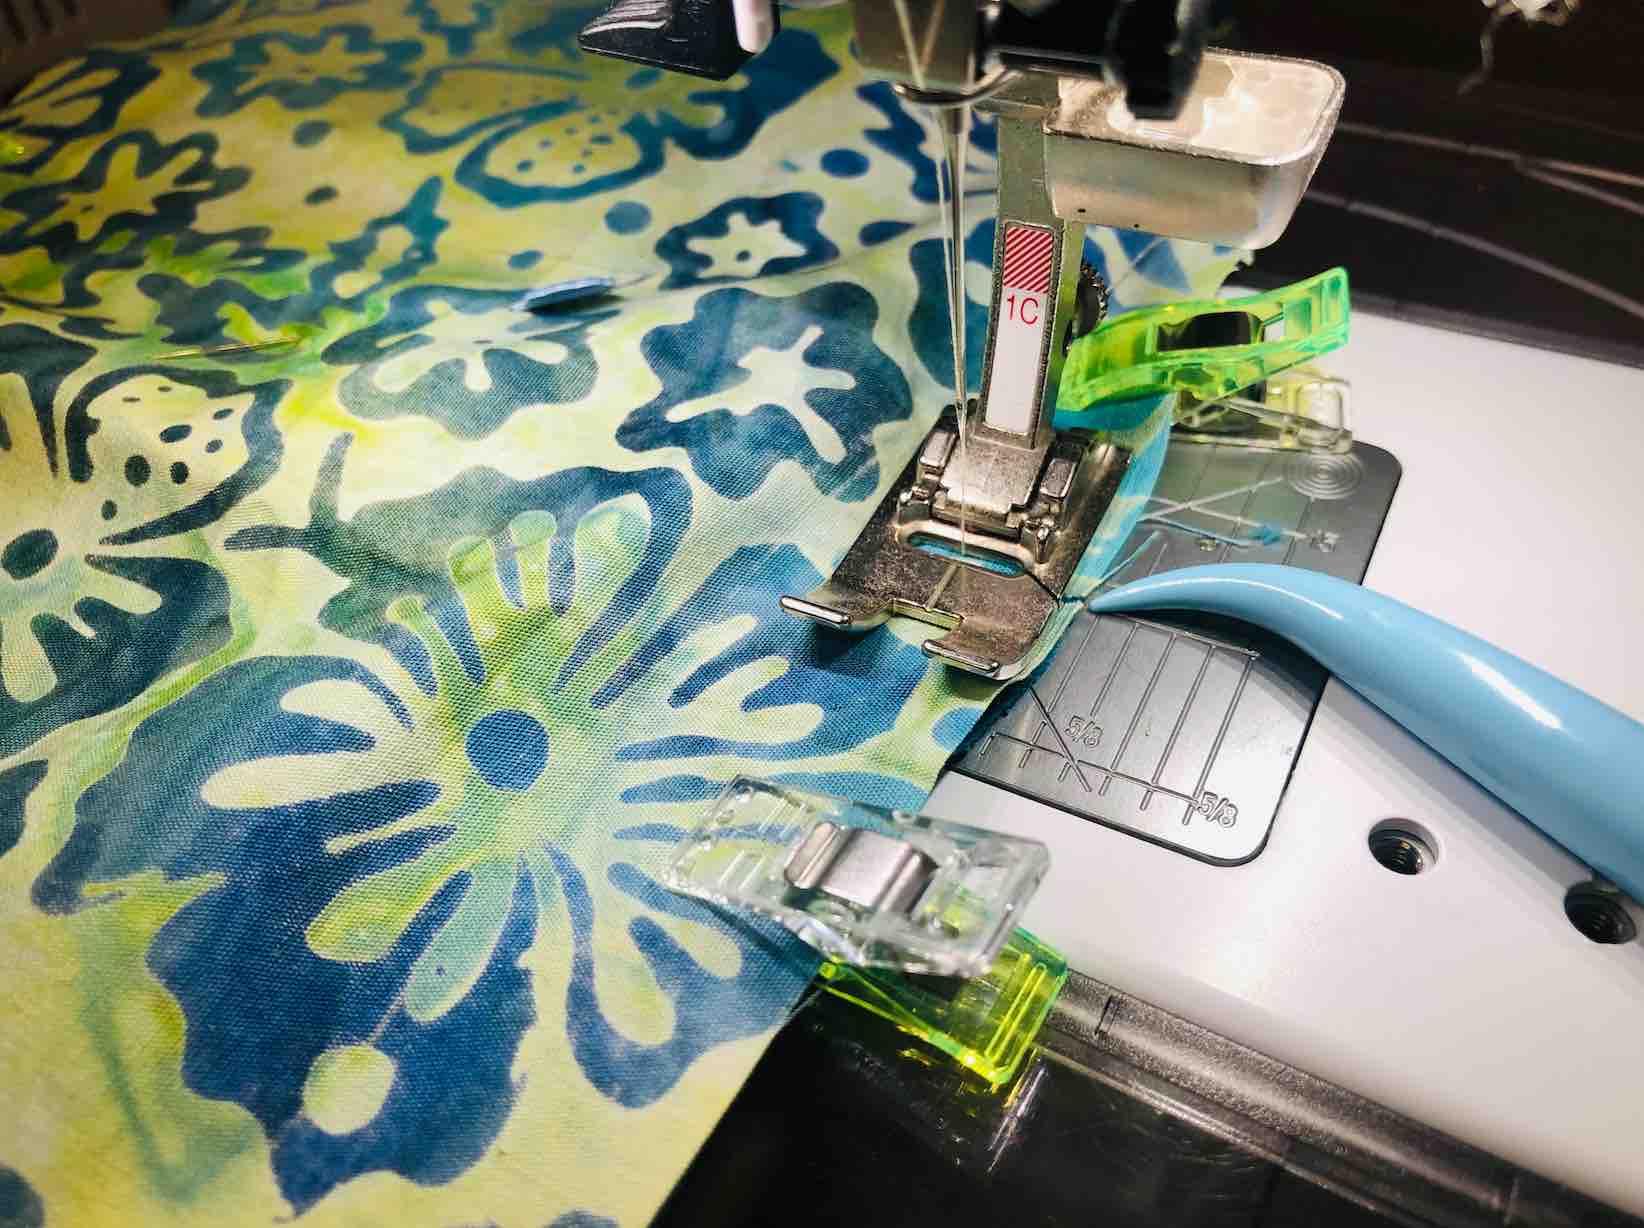 cucire i contorni